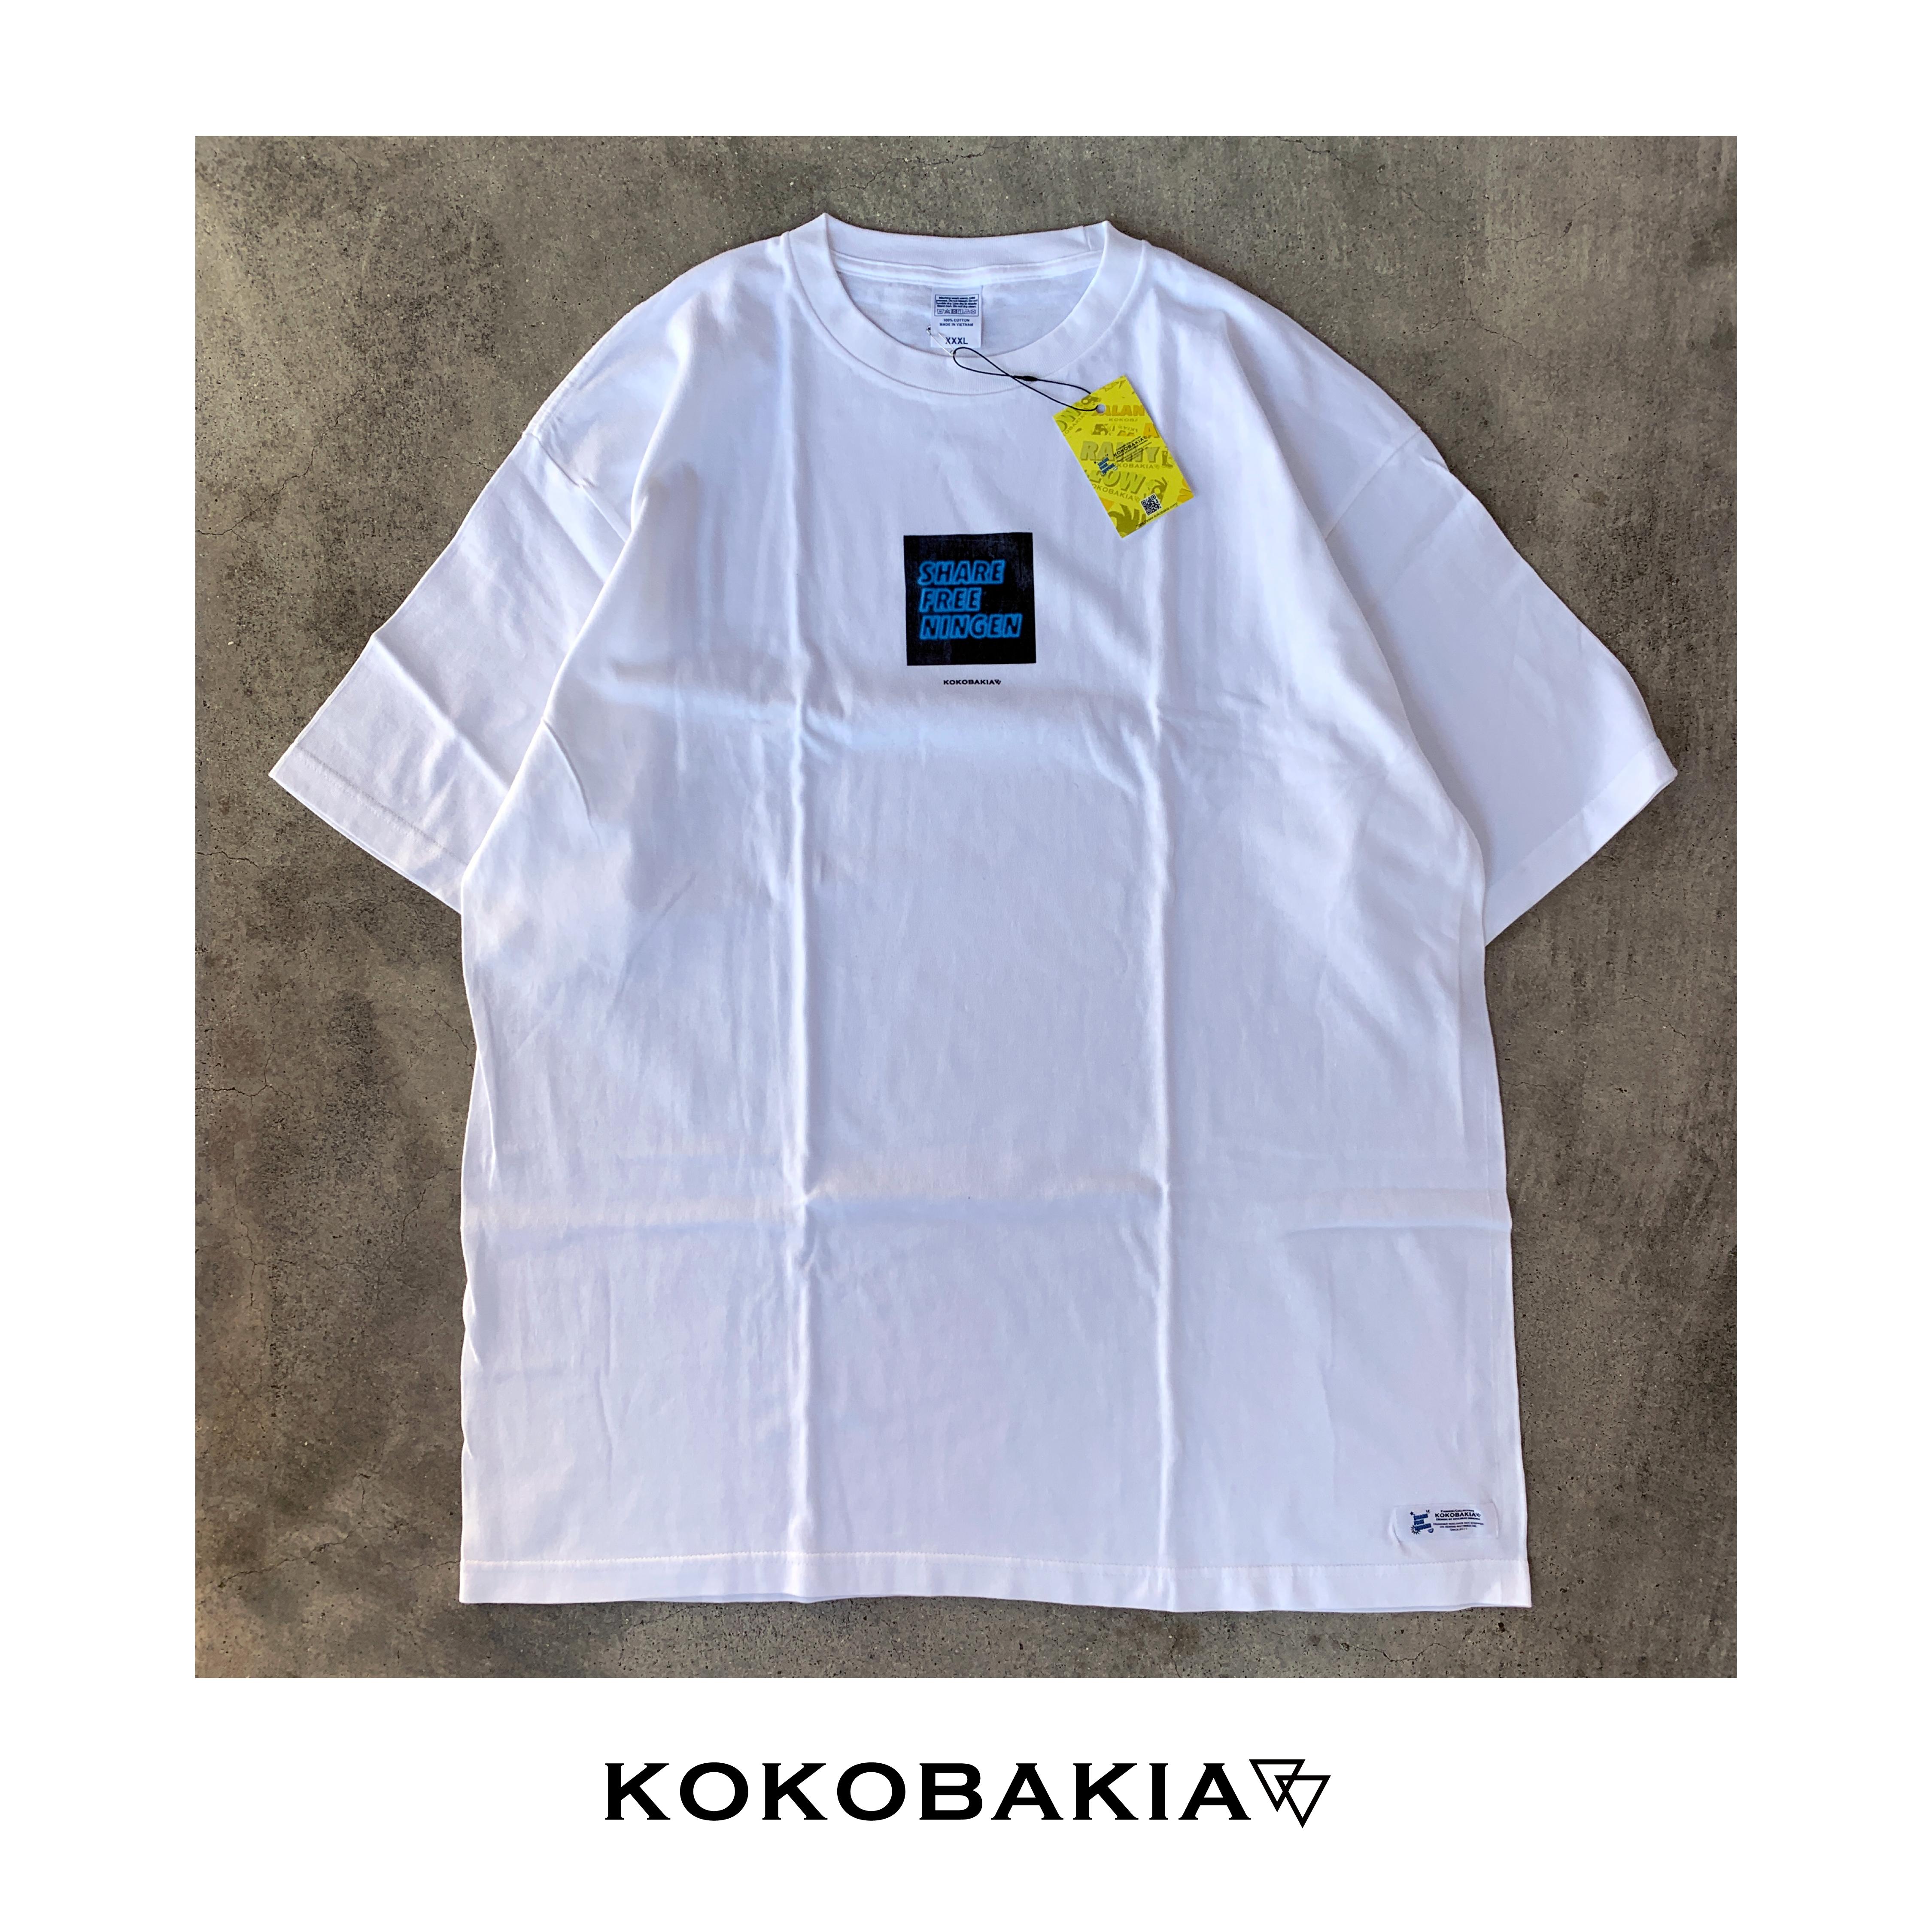 半袖Tシャツ ネオンイラスト ホワイト メンズ レディース かわいい イラスト ロゴ デザイン #ロックファッション #ストリートファッション